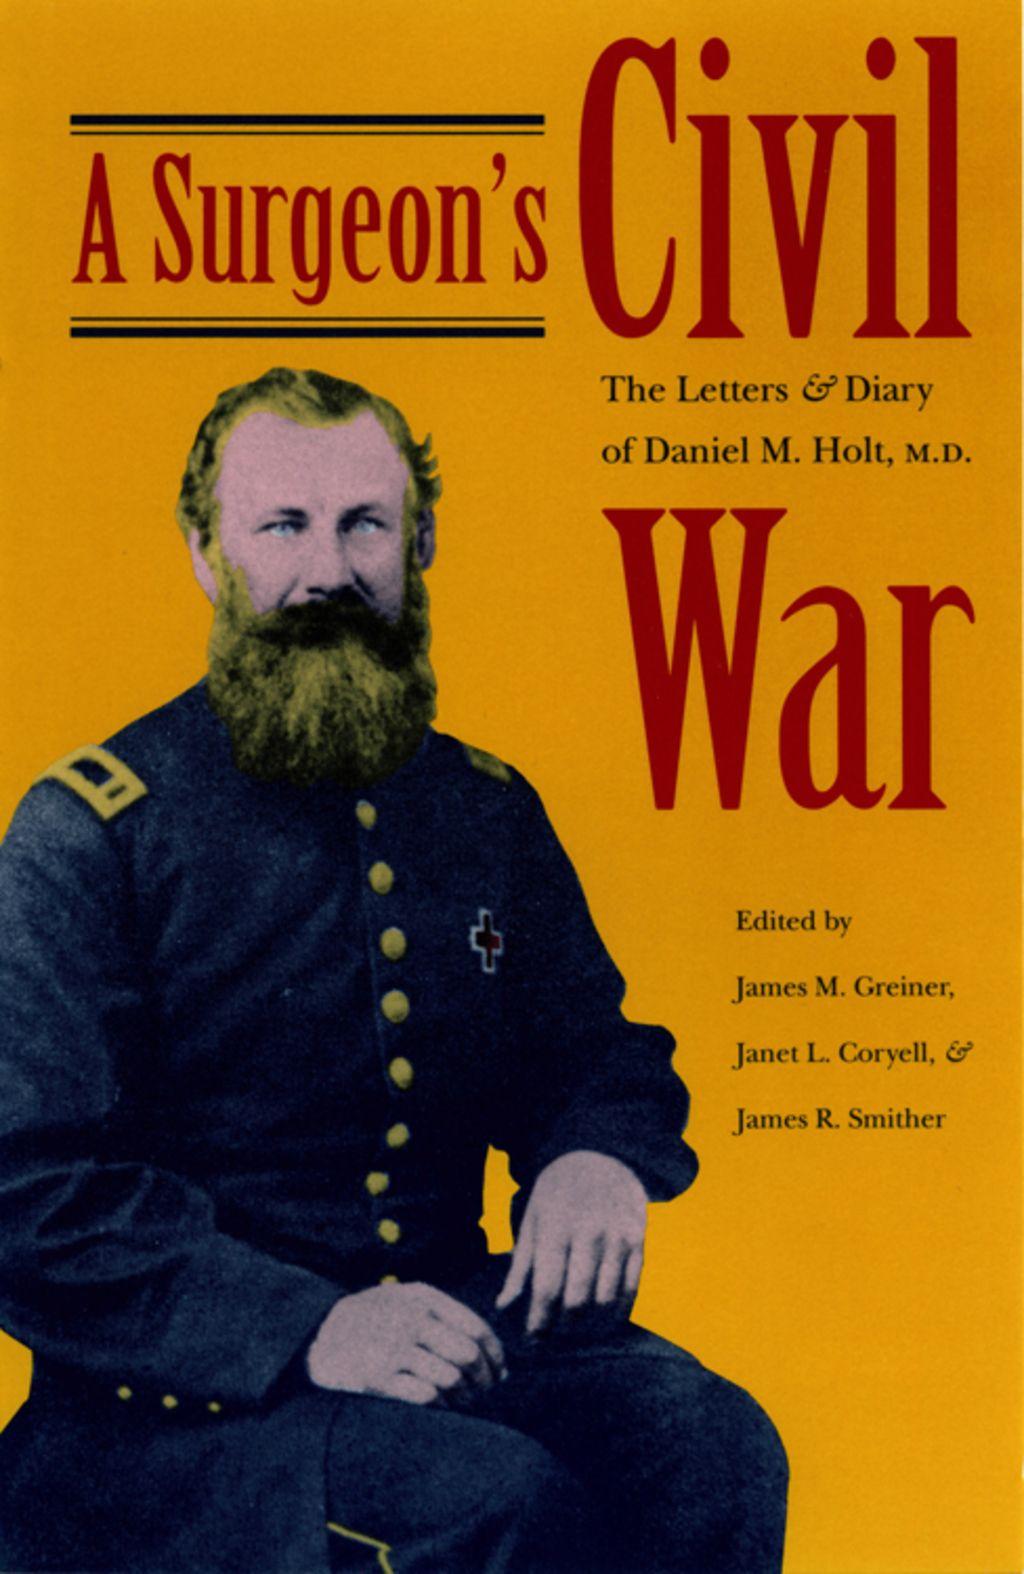 A surgeons civil war ebook in 2020 civil war books